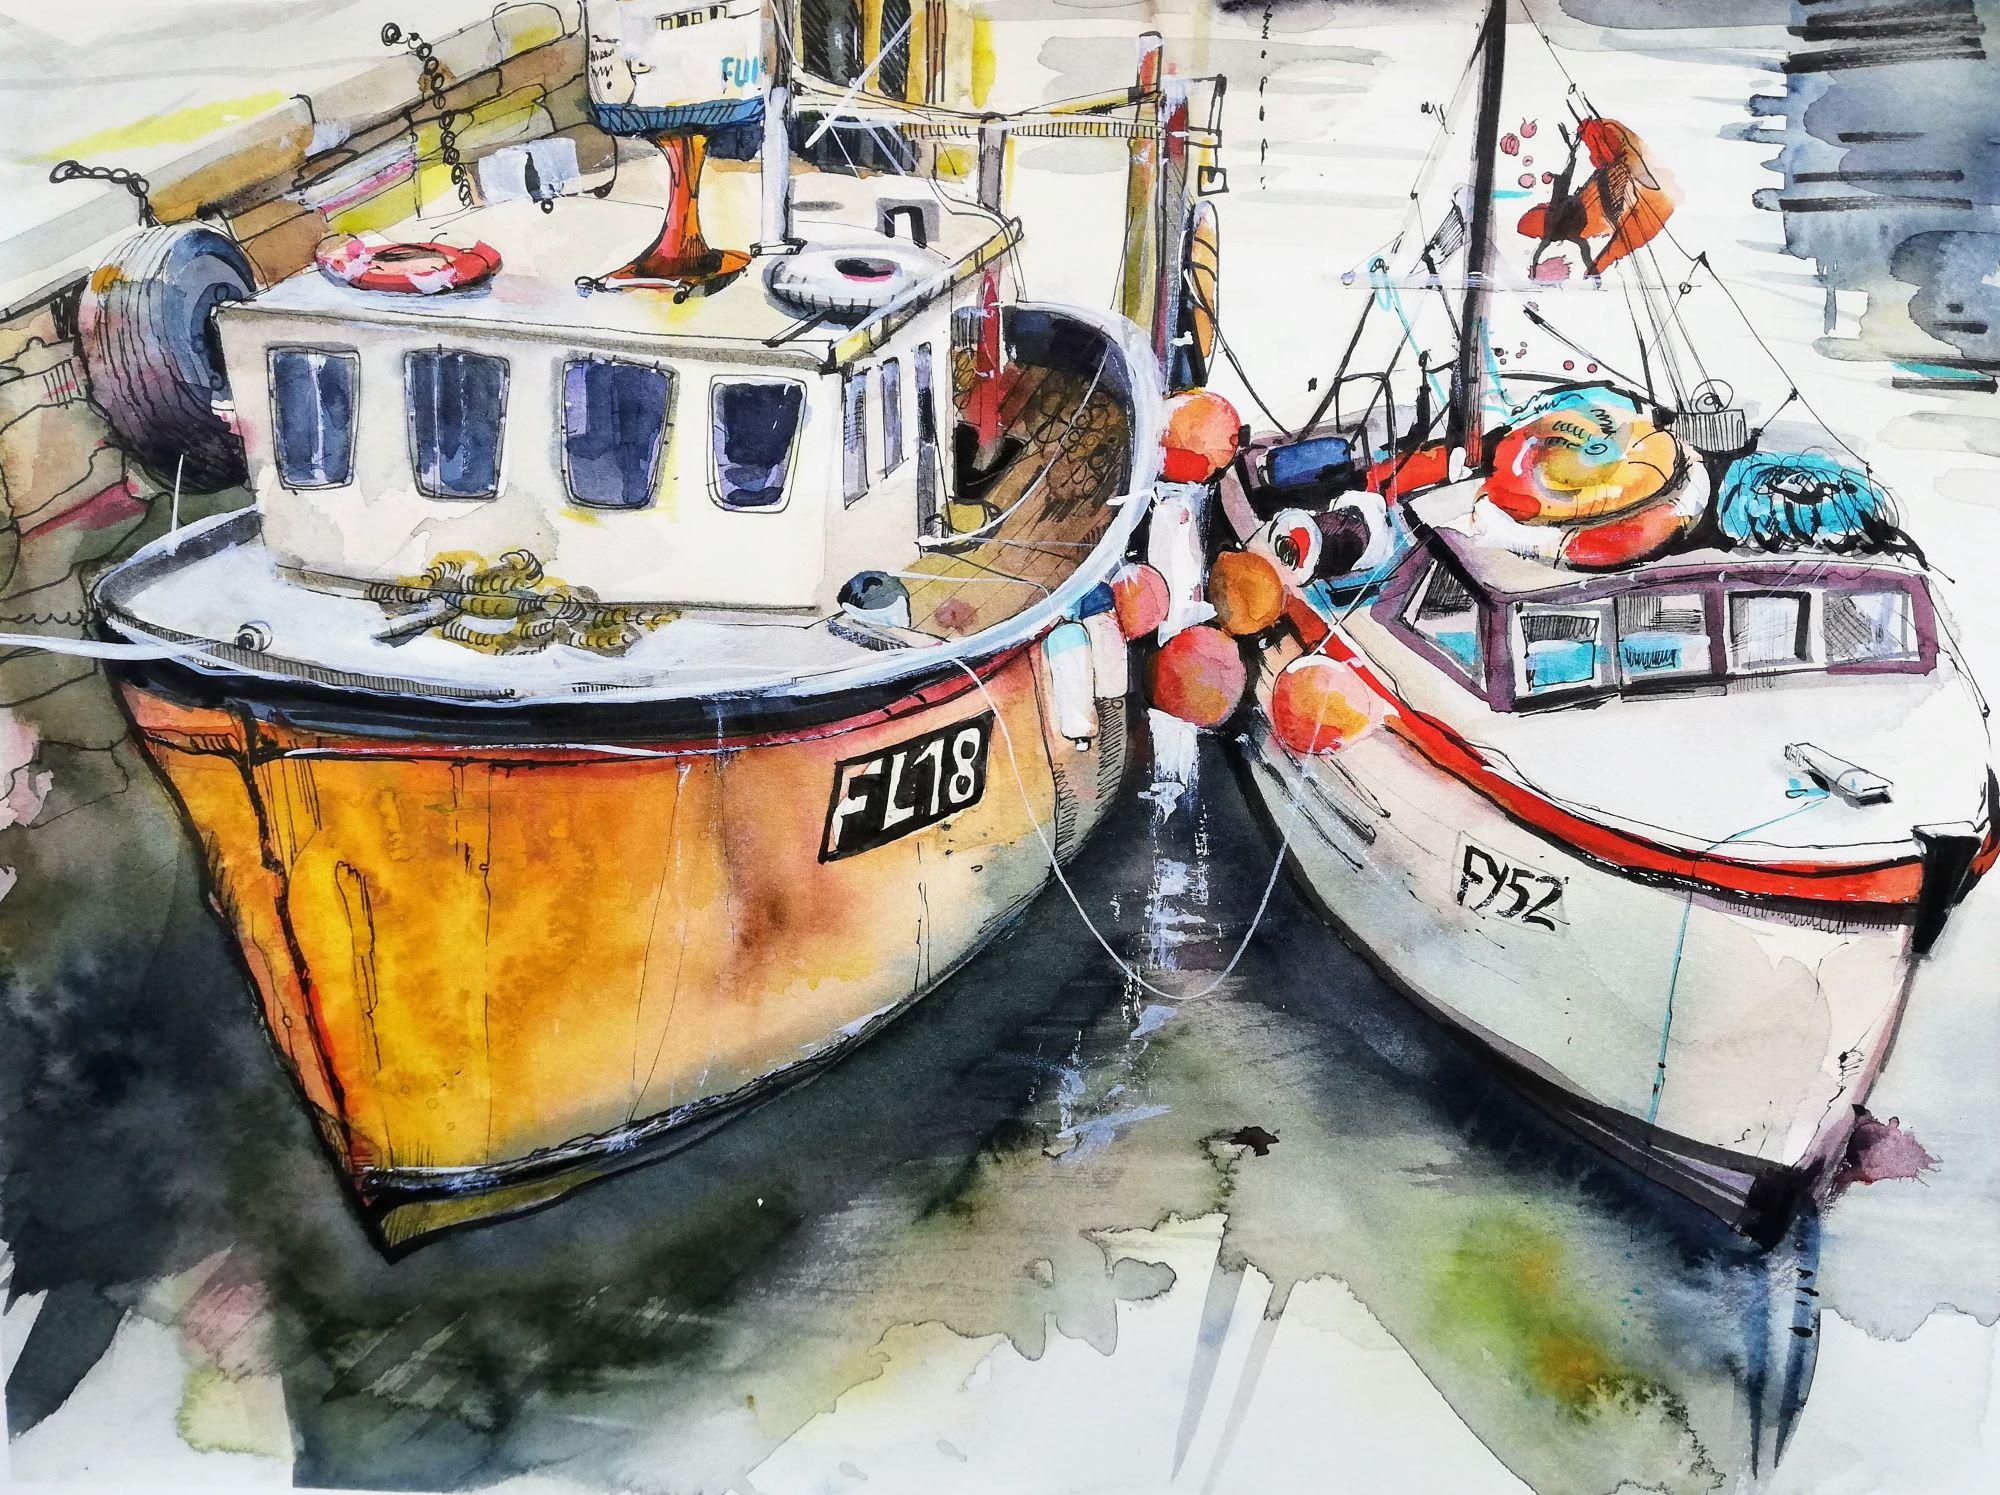 Fischerboote im Hafen Malerei